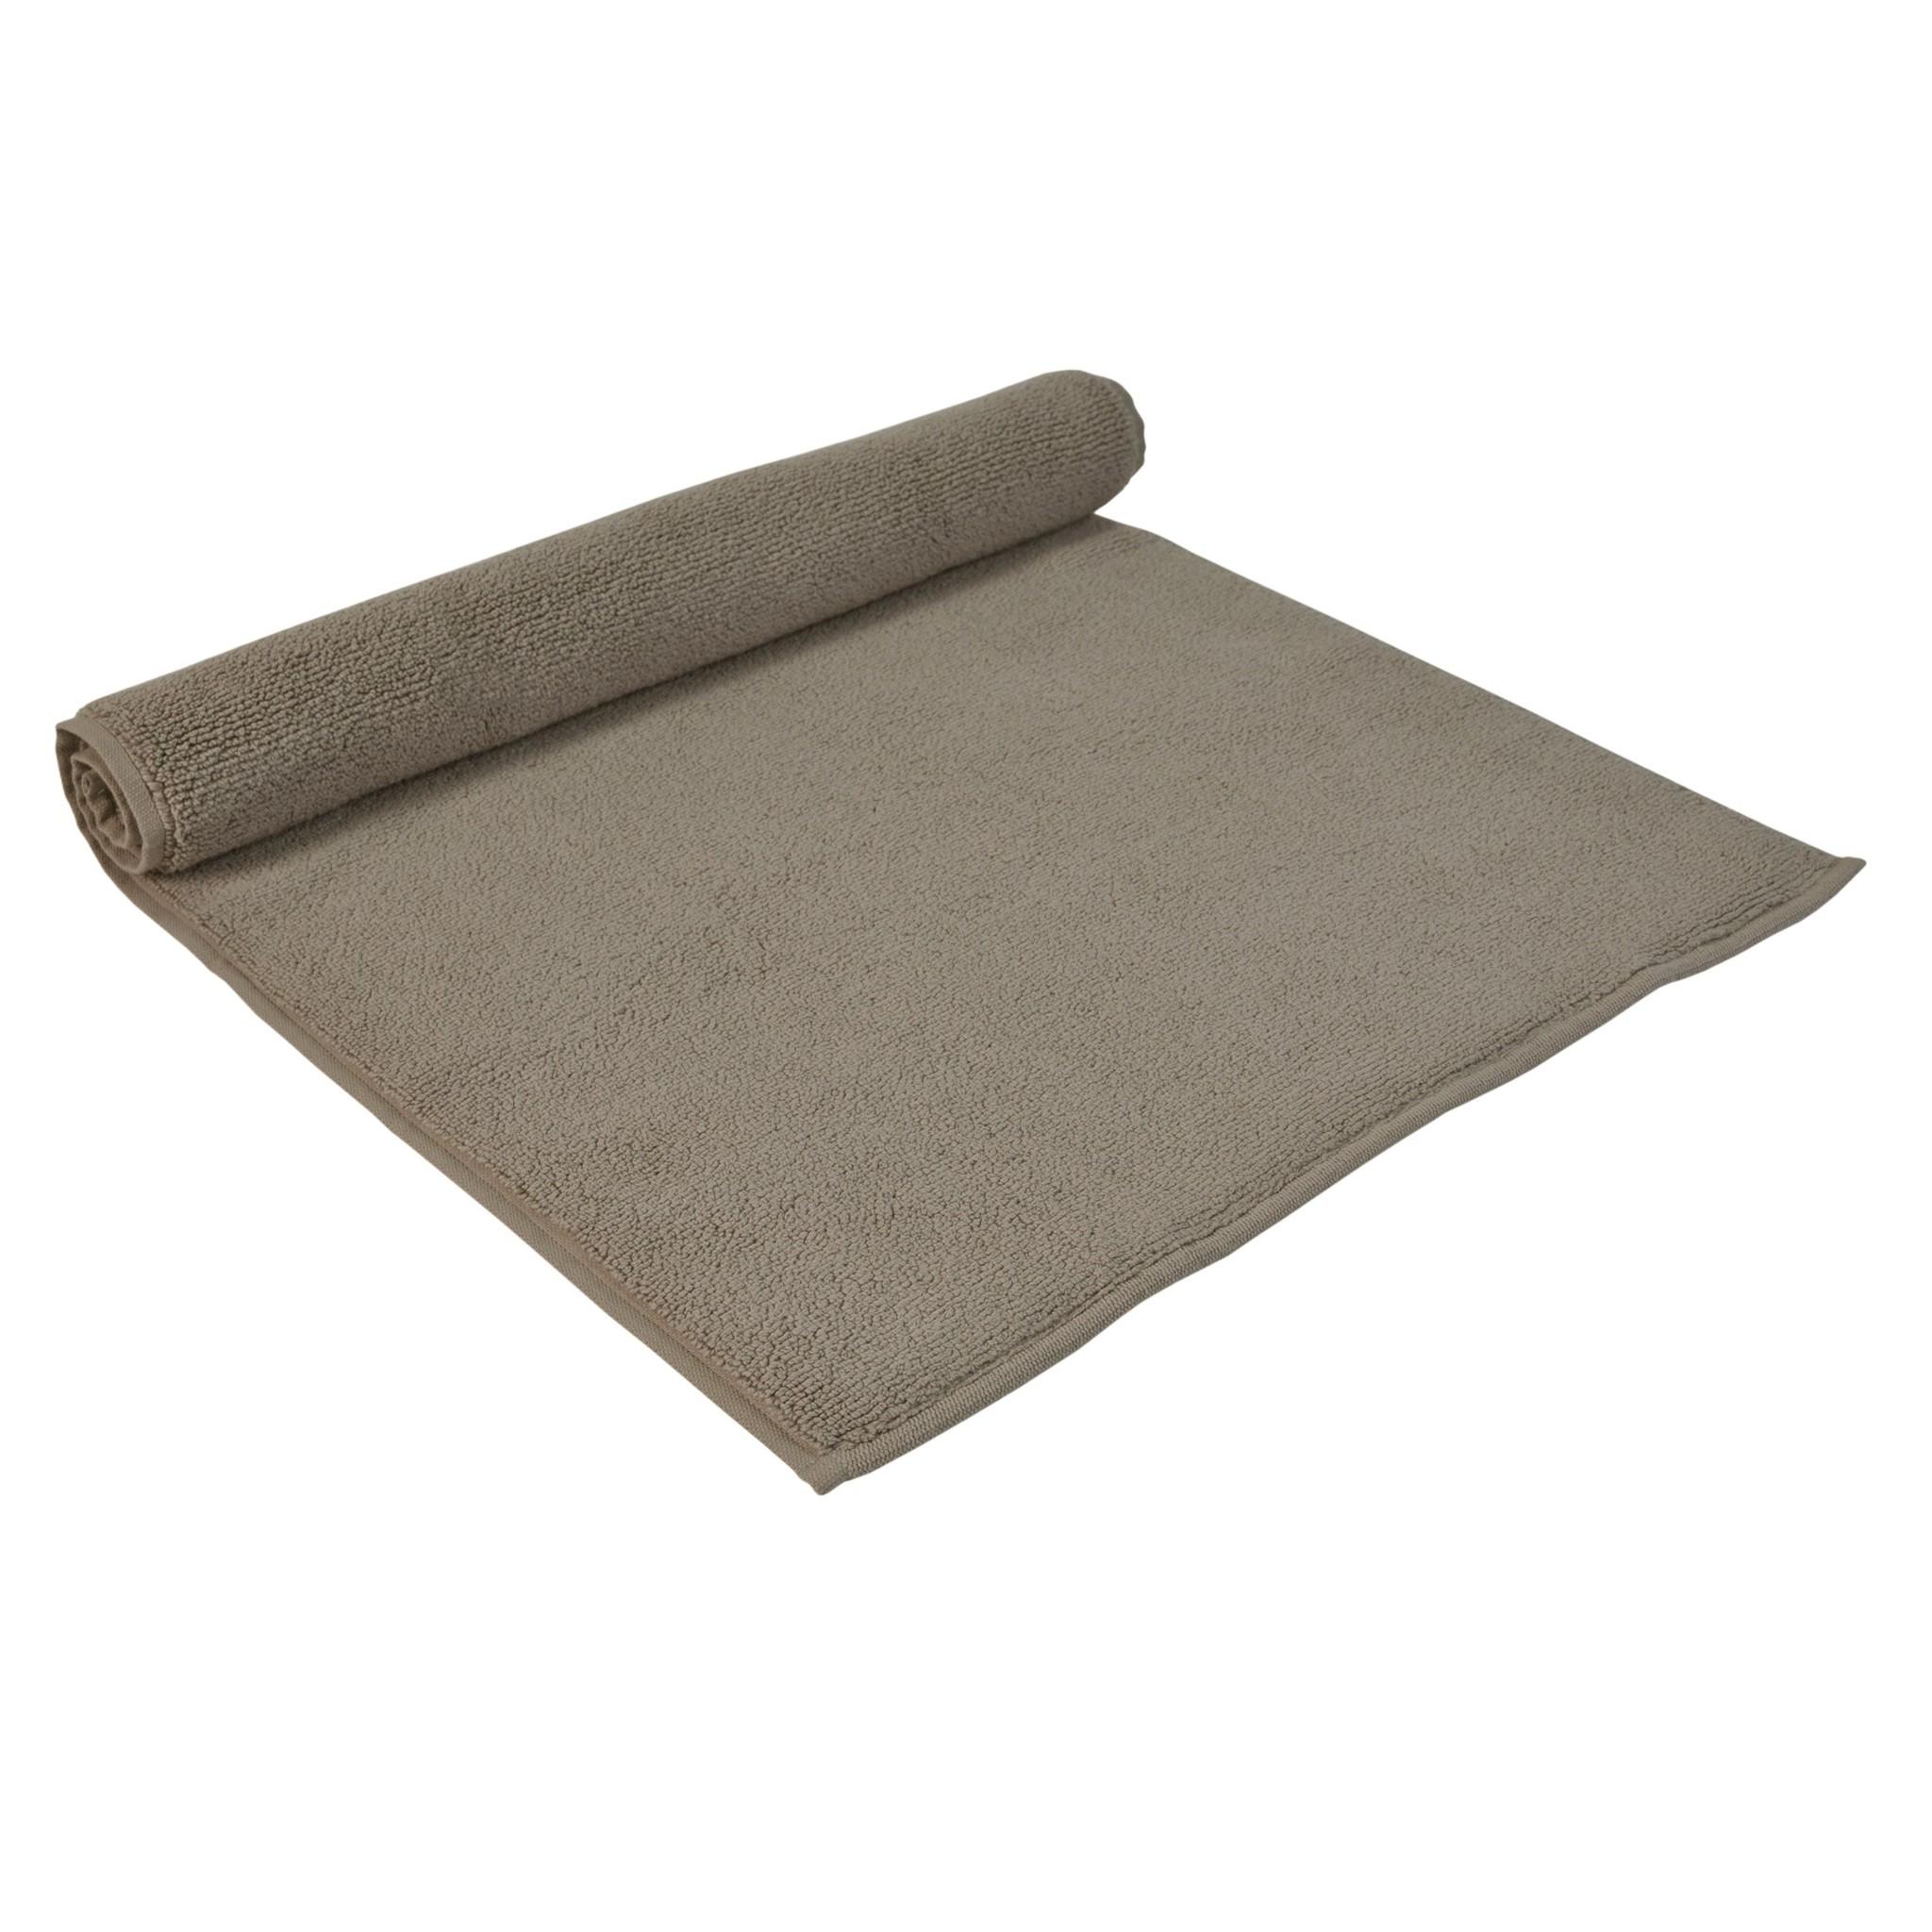 Элитный коврик для ванной Chicago светло-коричневый от Casual Avenue